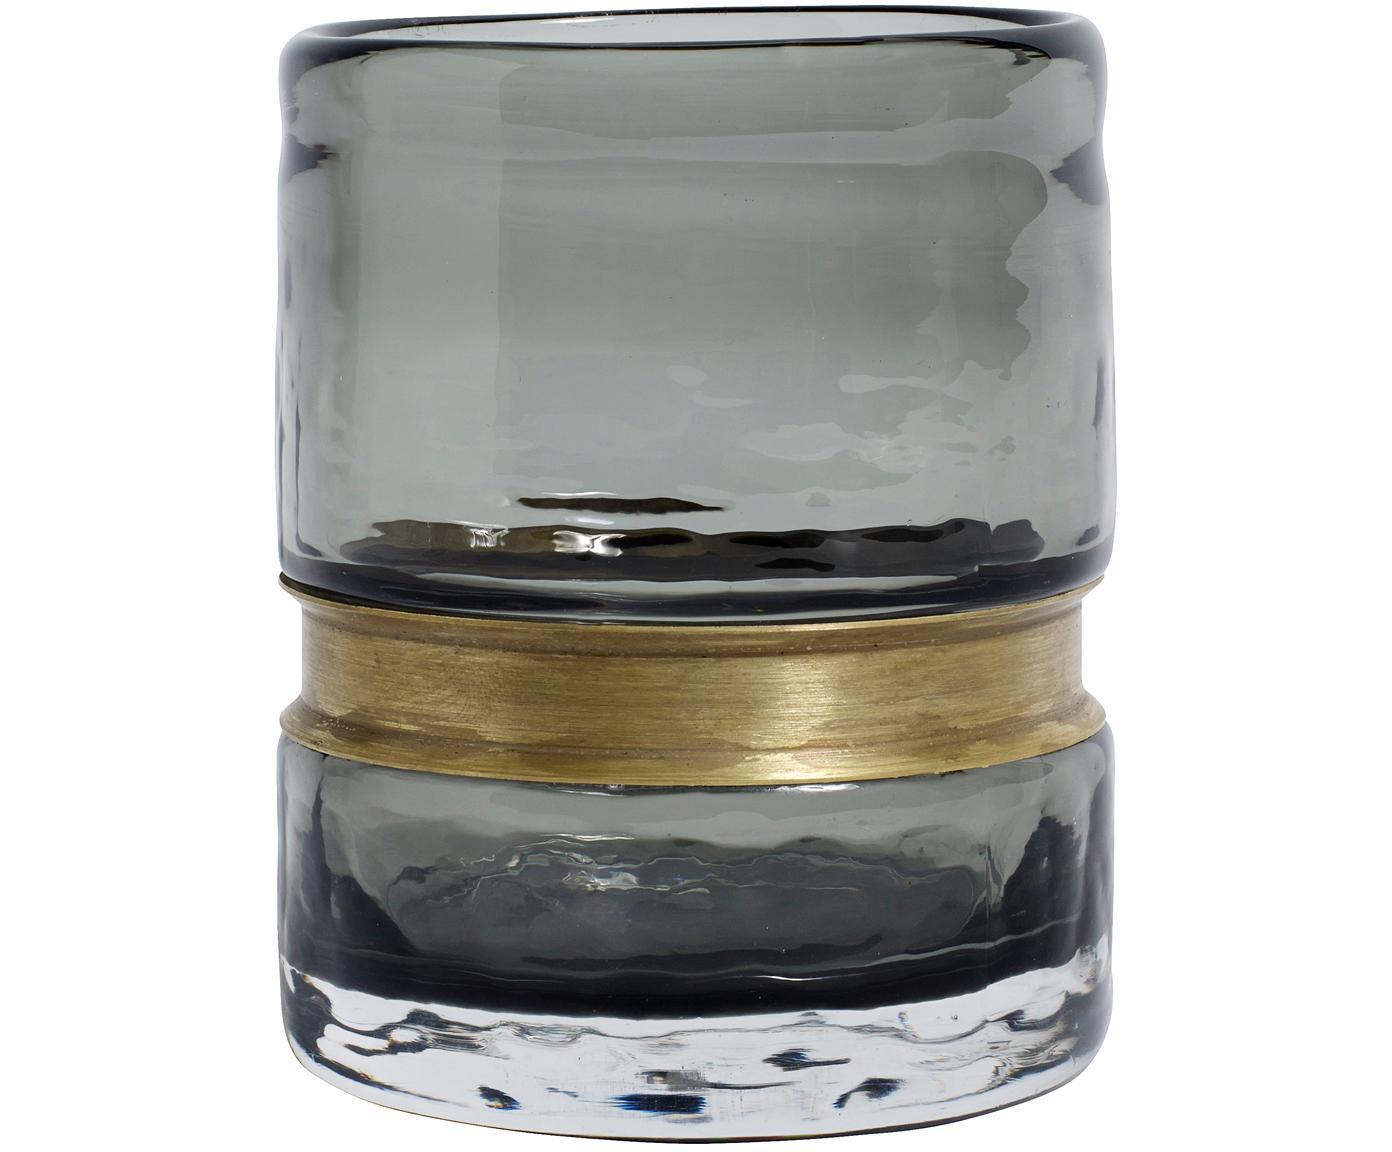 Jarrón de vidrio soplado Julie, Jarrón: vidrio, Jarrón: gris, transparente Ornamento: latón, Ø 9 x Al 10 cm